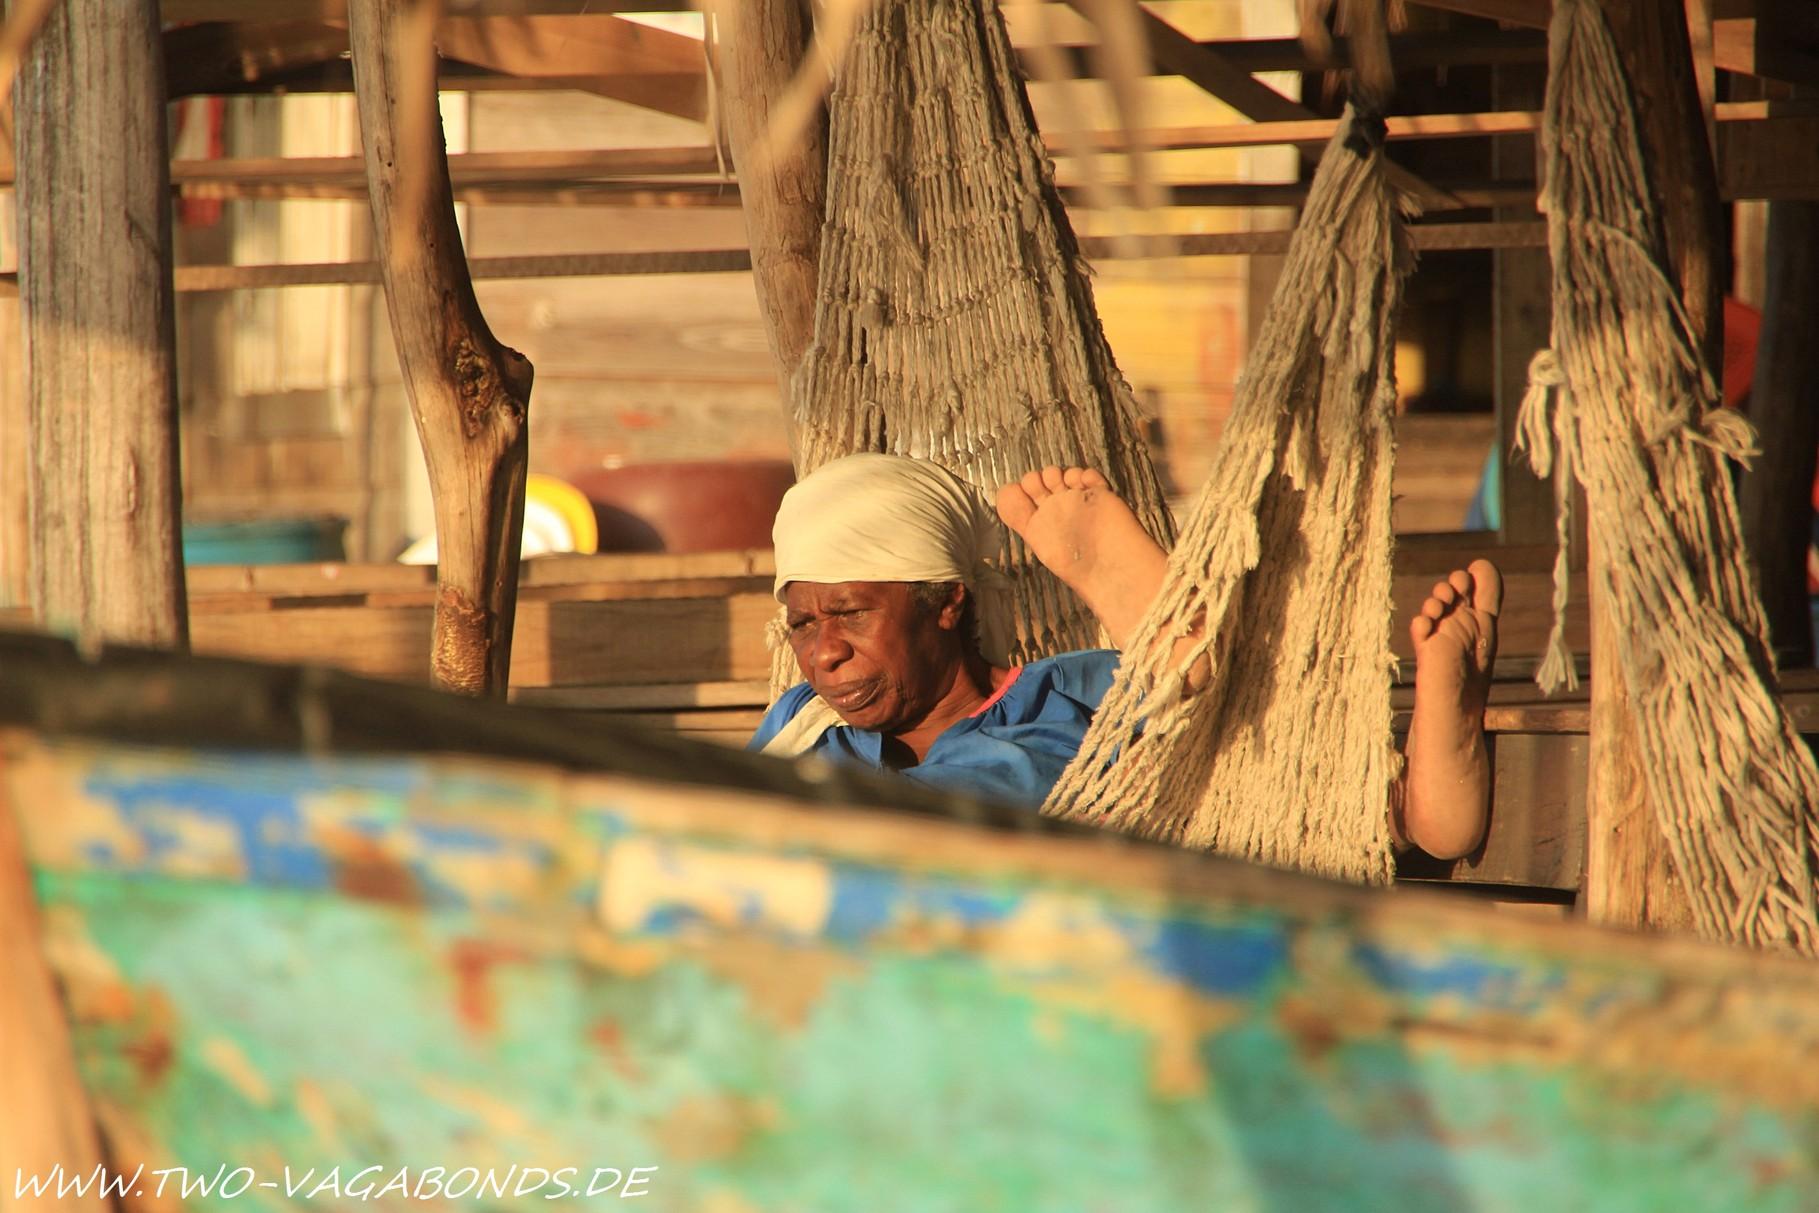 HONDURAS 2013 - KARIBIK - CHACHAHUATE ISLAND